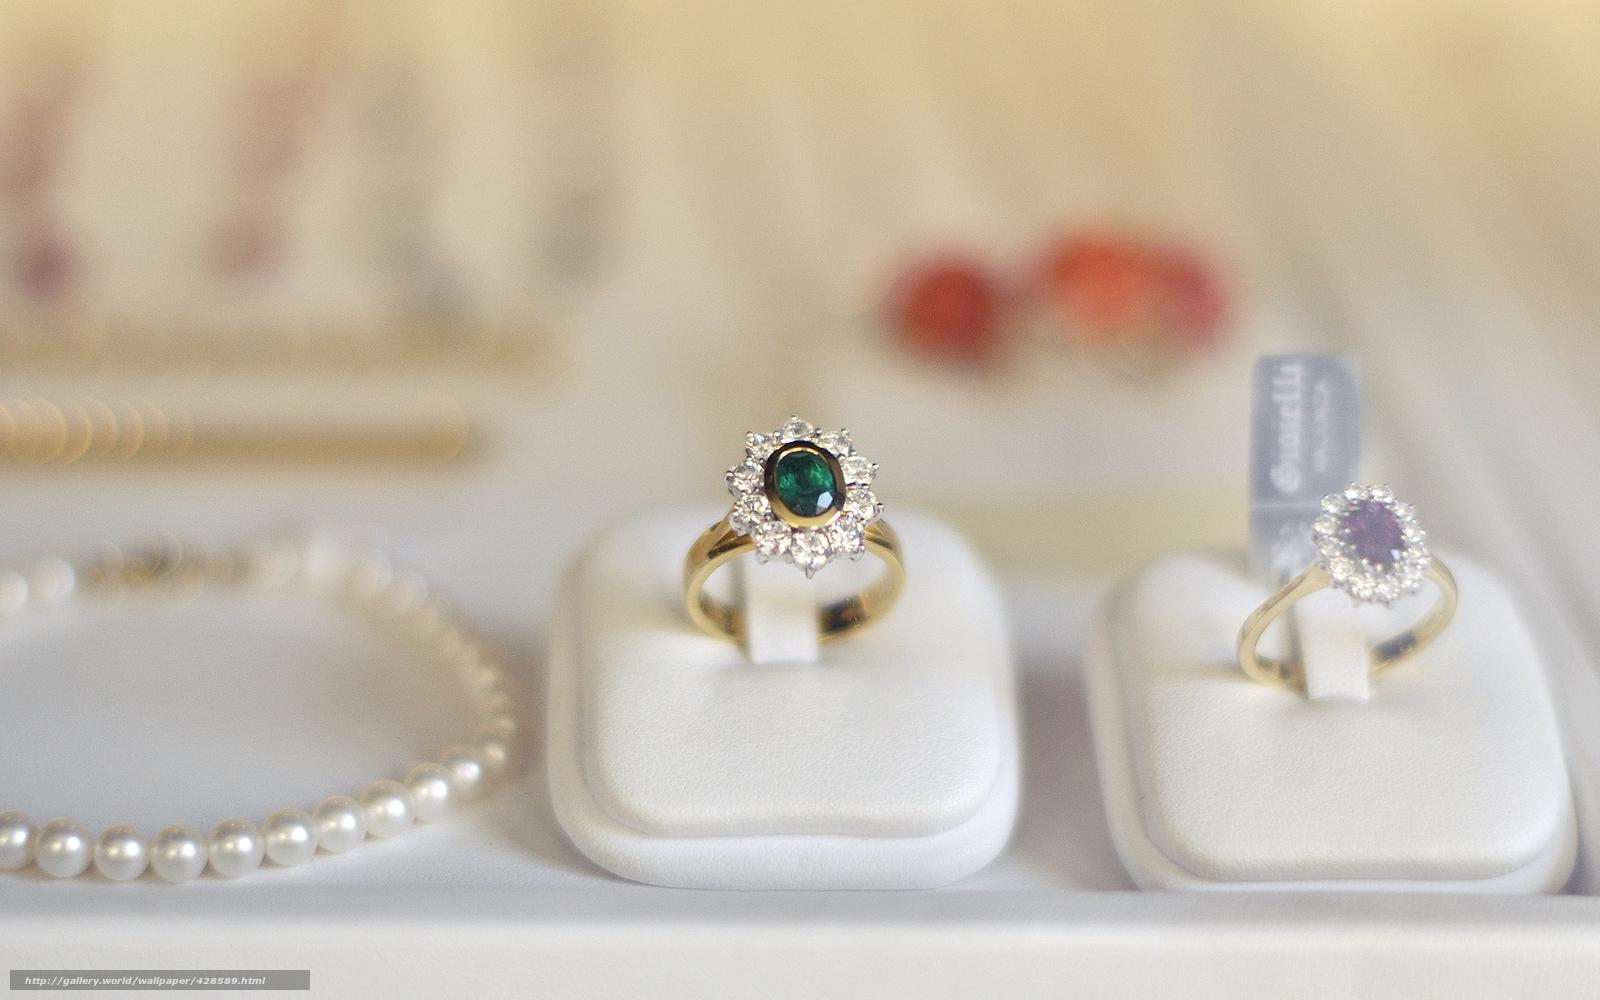 Скачать обои настроения,  кольца,  драгоценные,  обручальные бесплатно для рабочего стола в разрешении 1680x1050 — картинка №428589